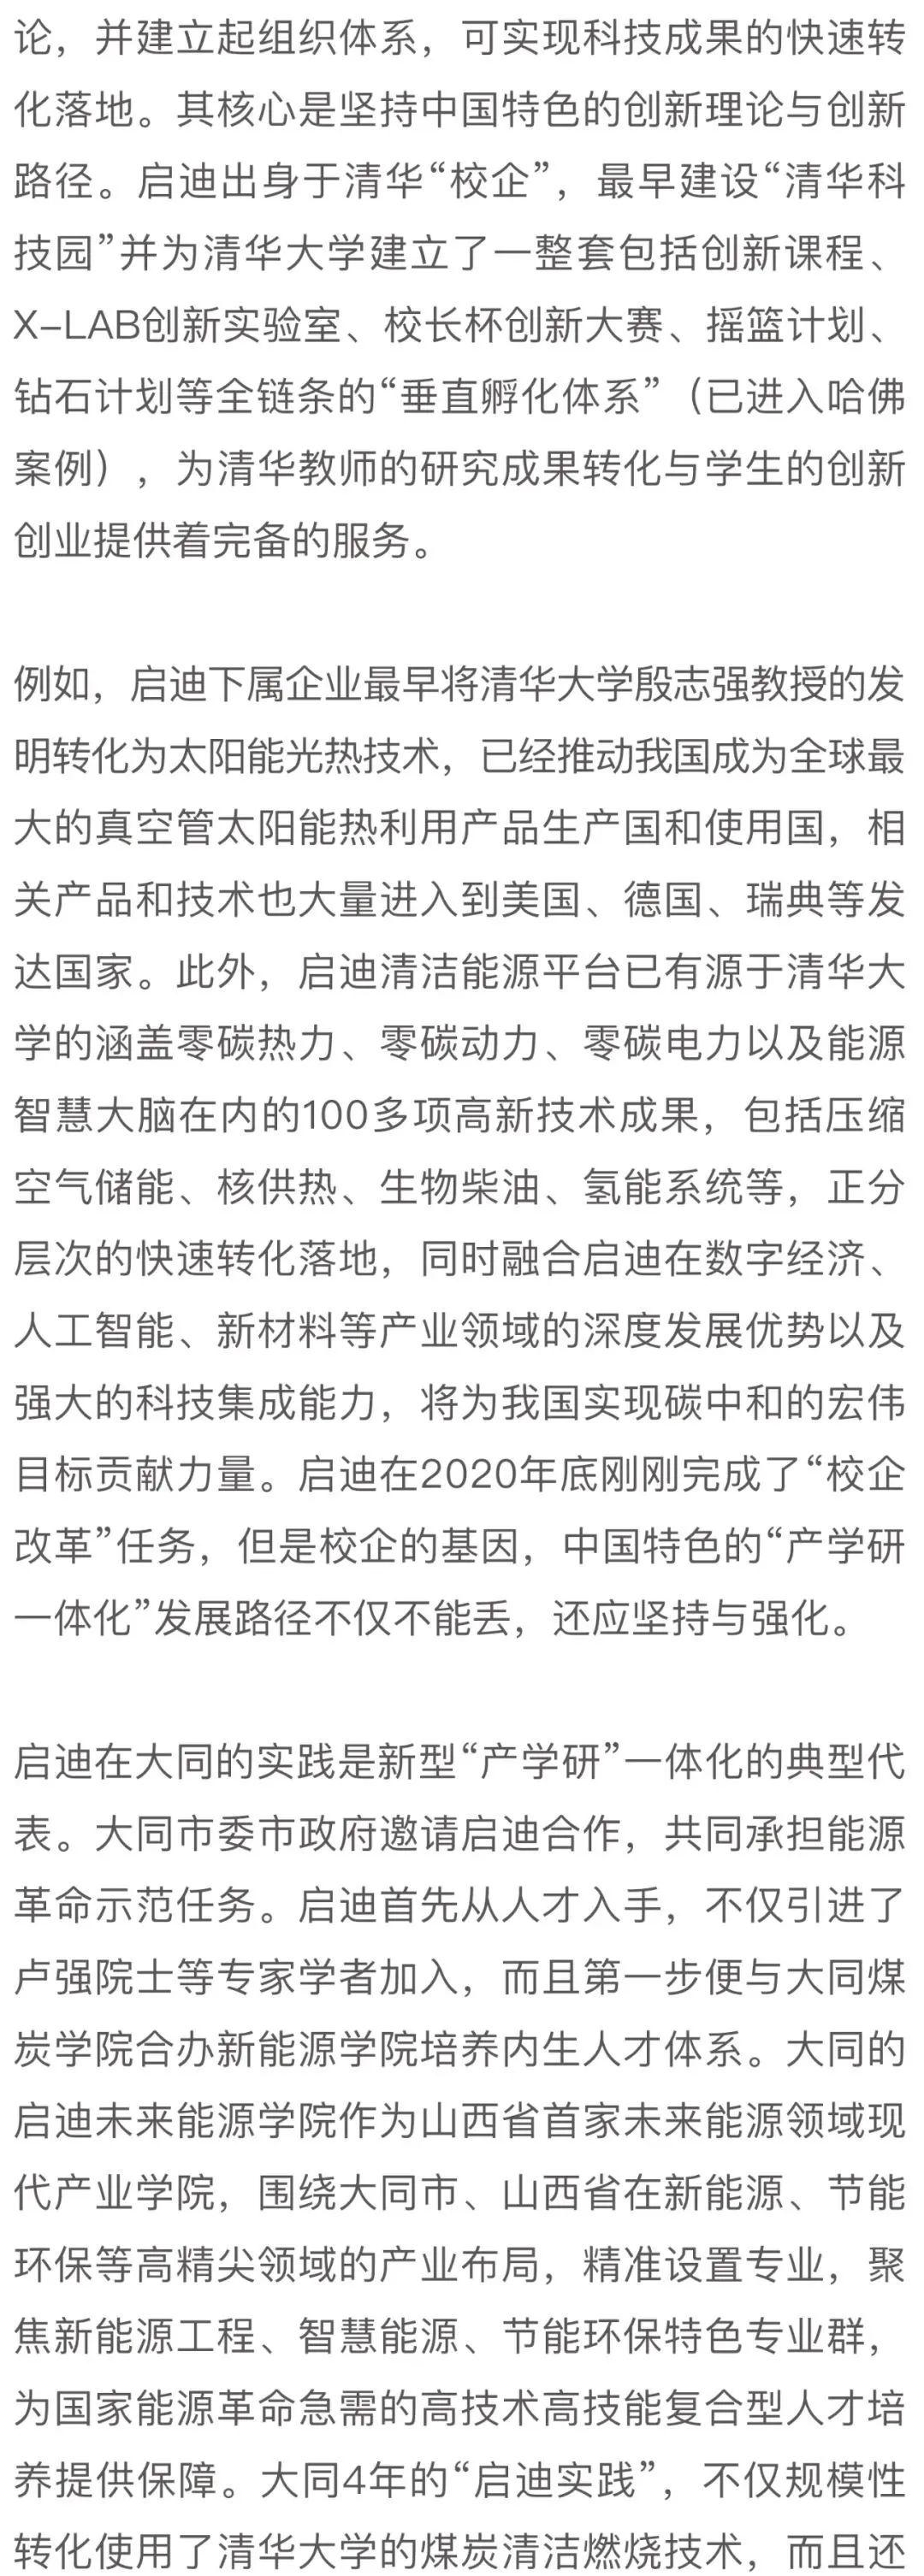 王济武董事长撰文谈绿色低碳科技革命和产业变革,《学习强国》等转发报道